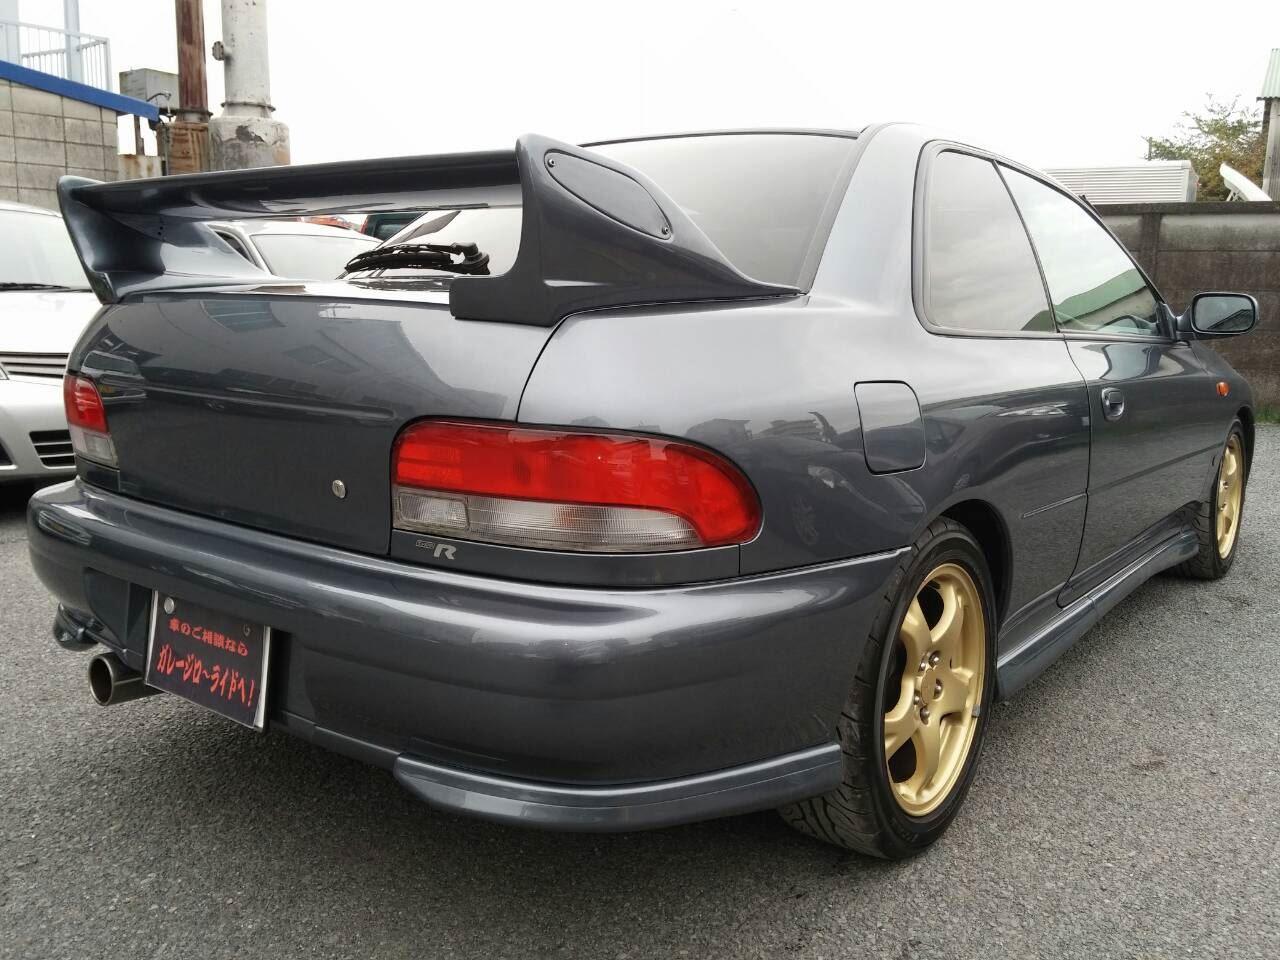 東京都立川市の車の板金塗装修理工場 ガレージローライドのスバル インプレッサのオールペイント オールペン 全塗装 です。